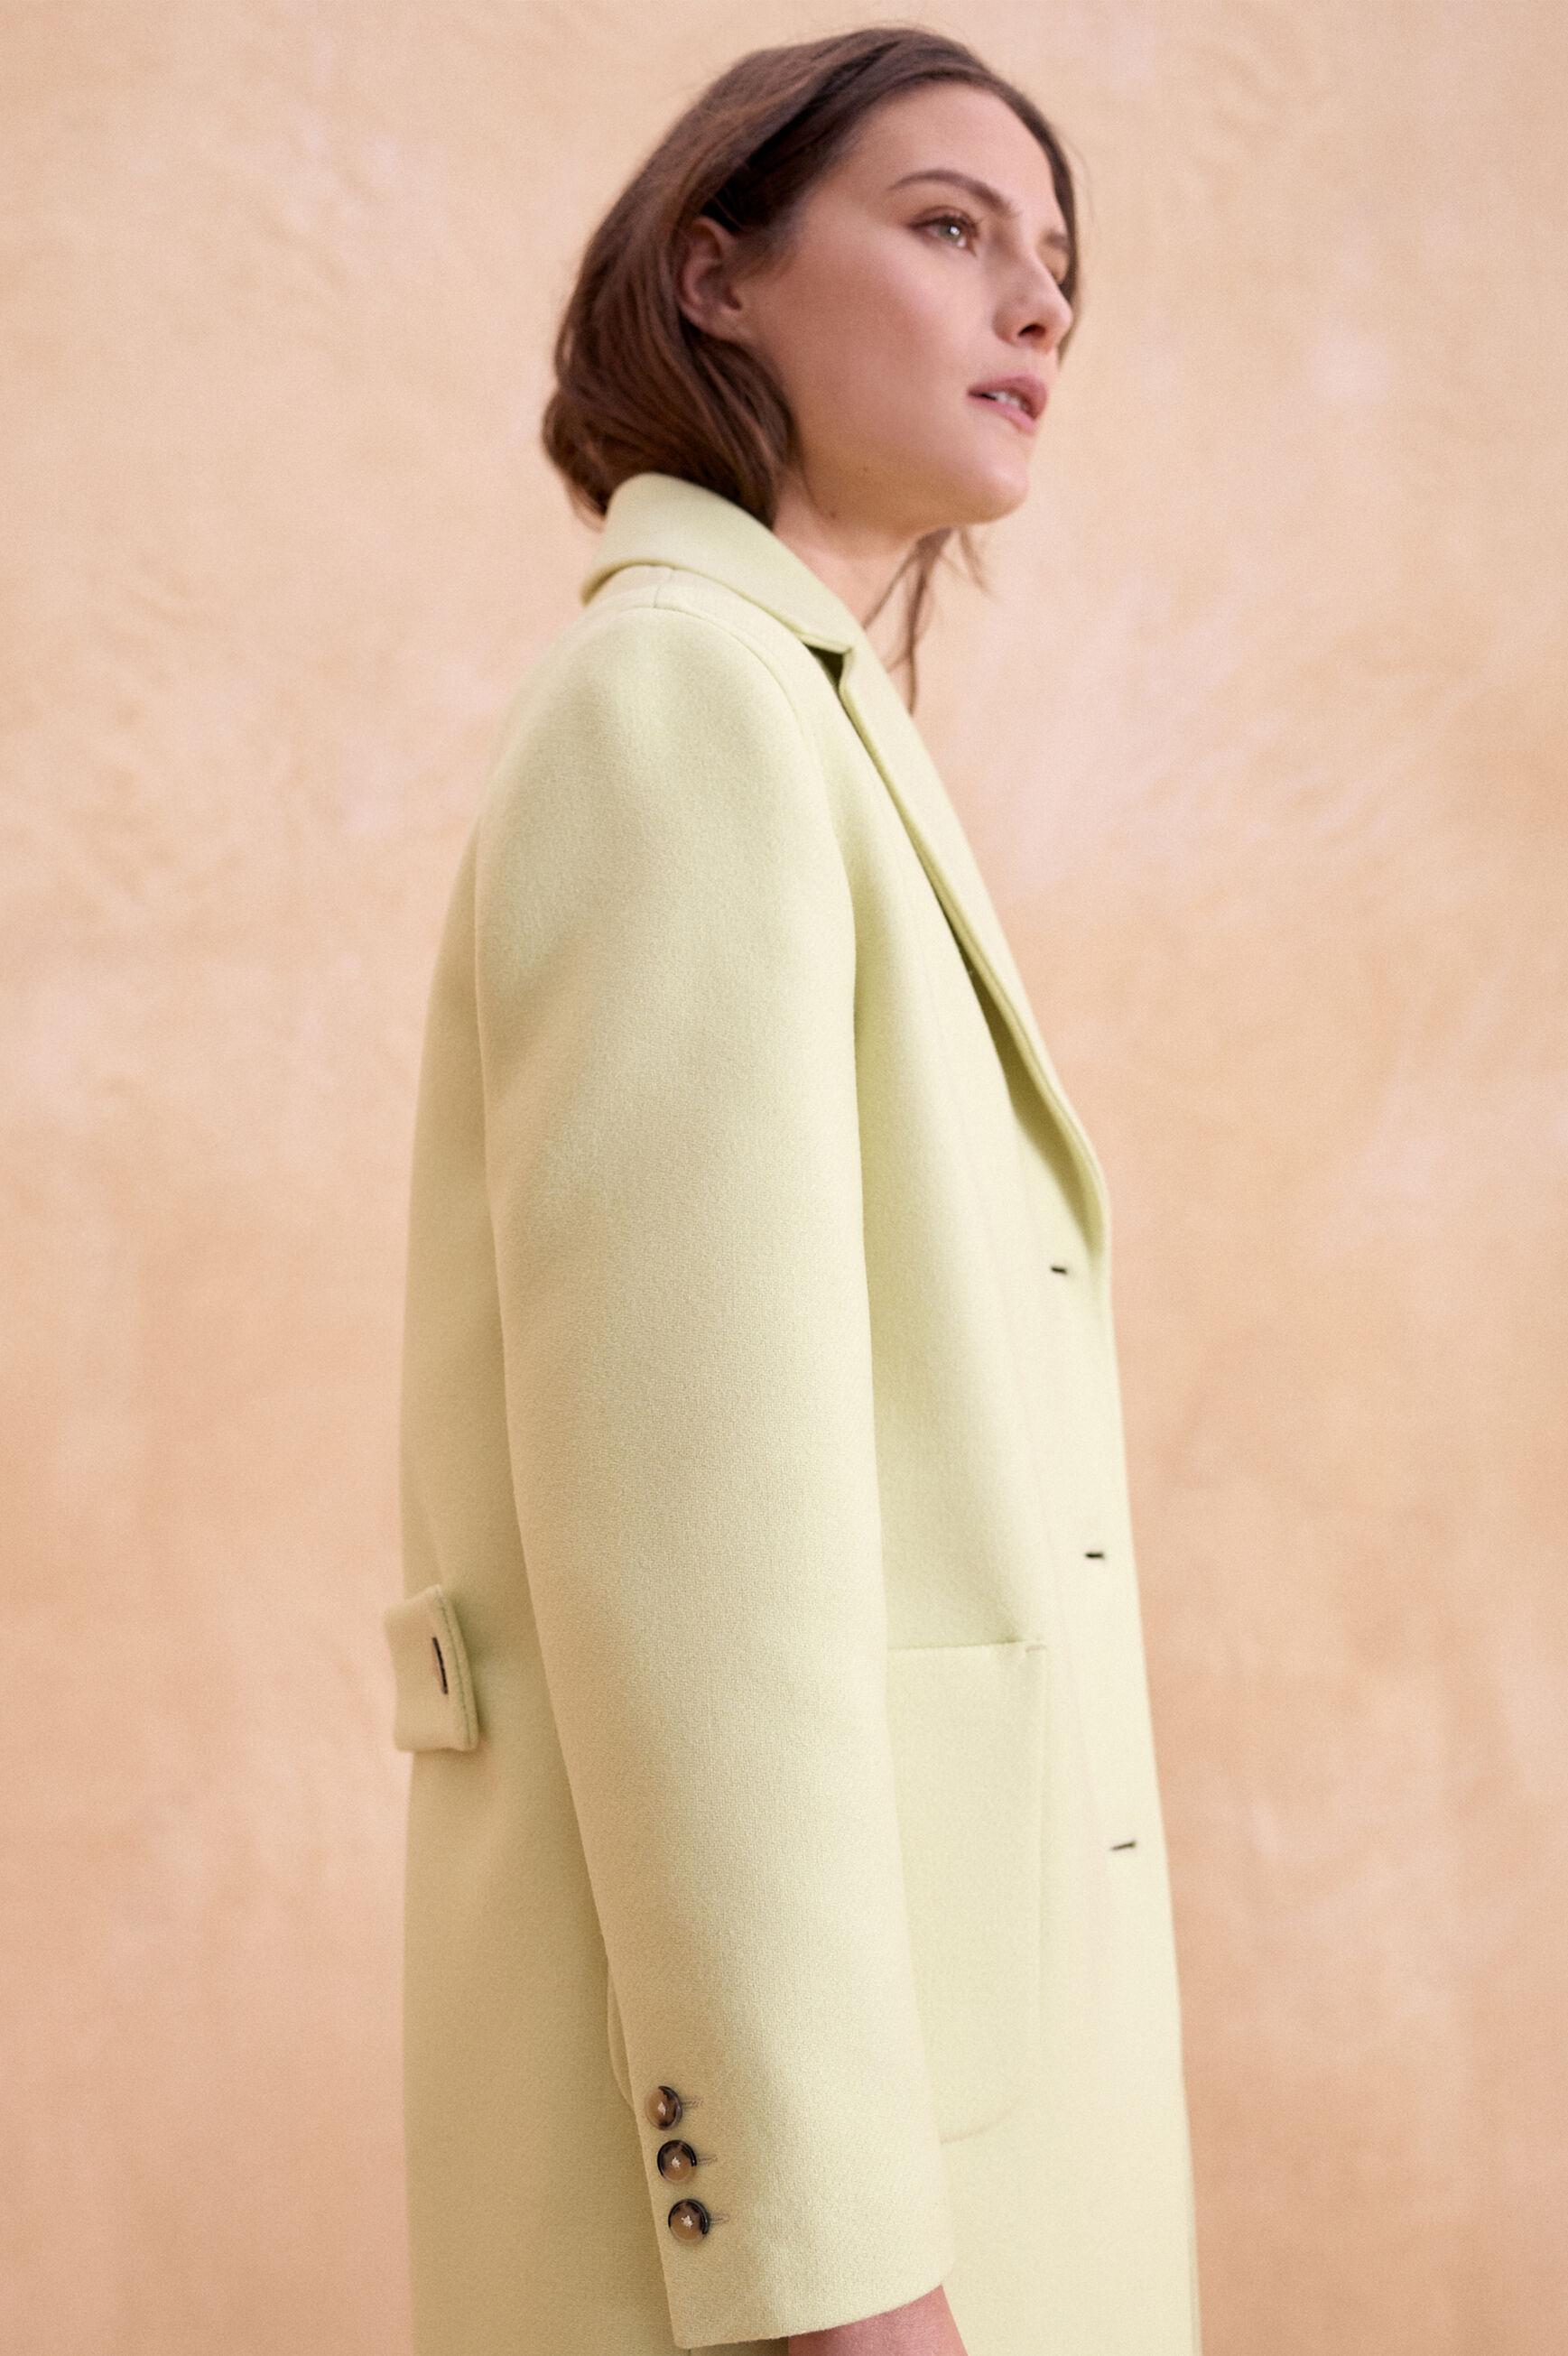 Manteau Marcel : Manteau femme Gris moyen en Laine   CAROLL